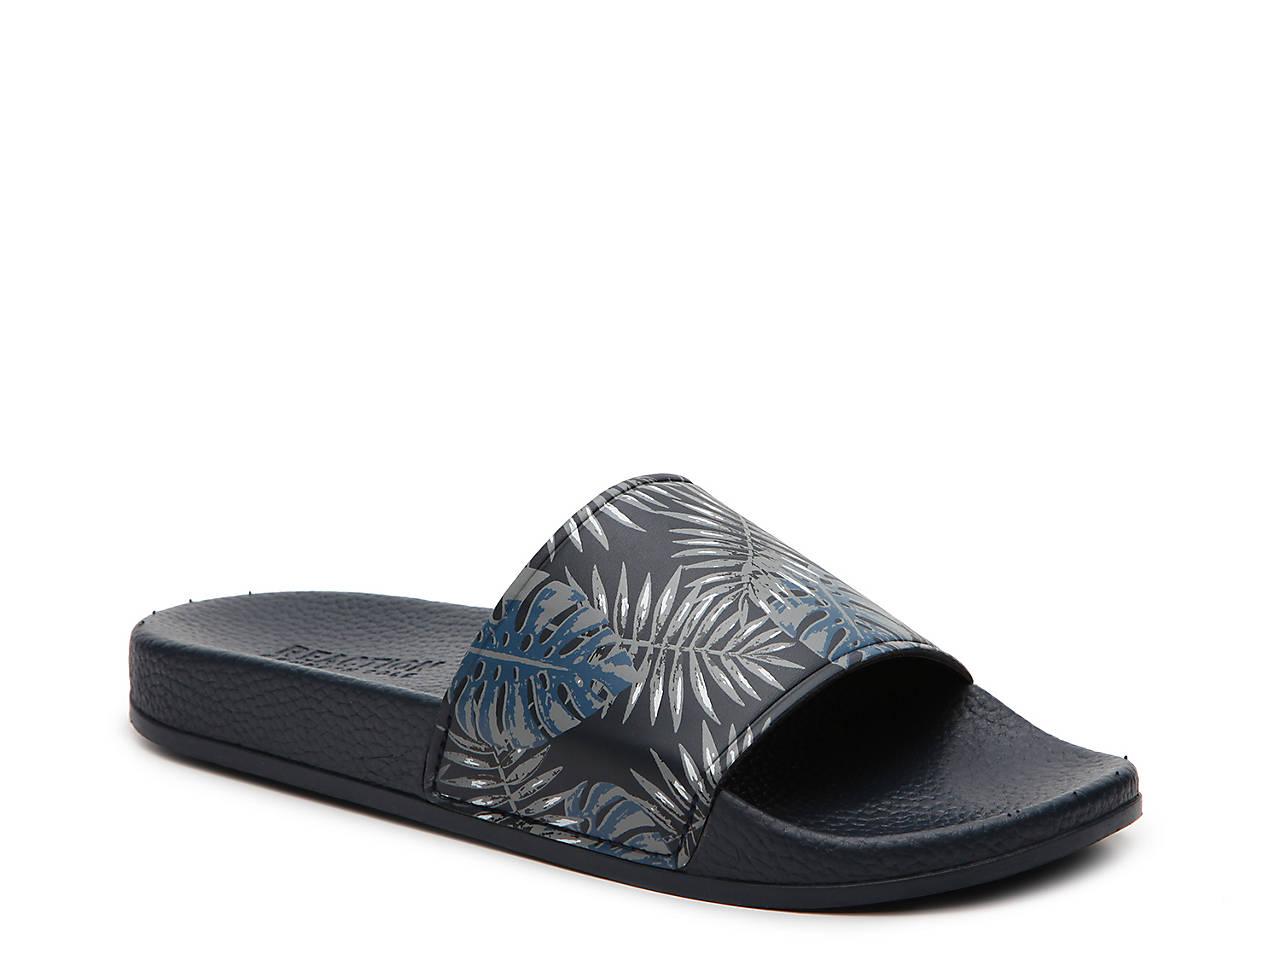 0a68bccce718 Kenneth Cole Reaction Palm Slide Sandal - Men s Men s Shoes